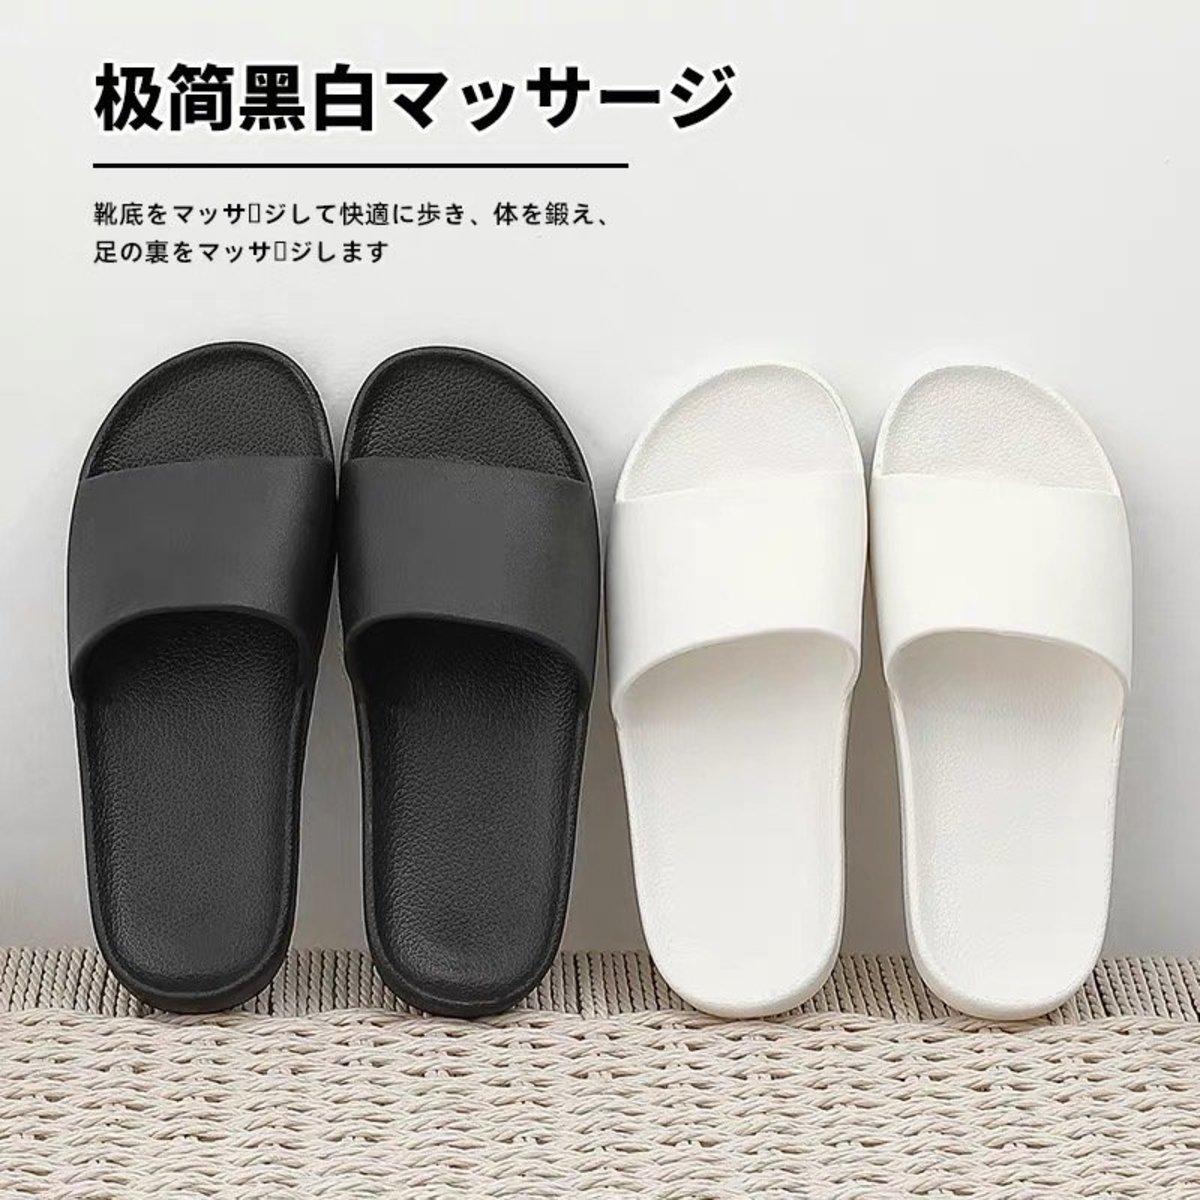 日式優質輕巧防滑膠拖鞋 情侣裝各一對